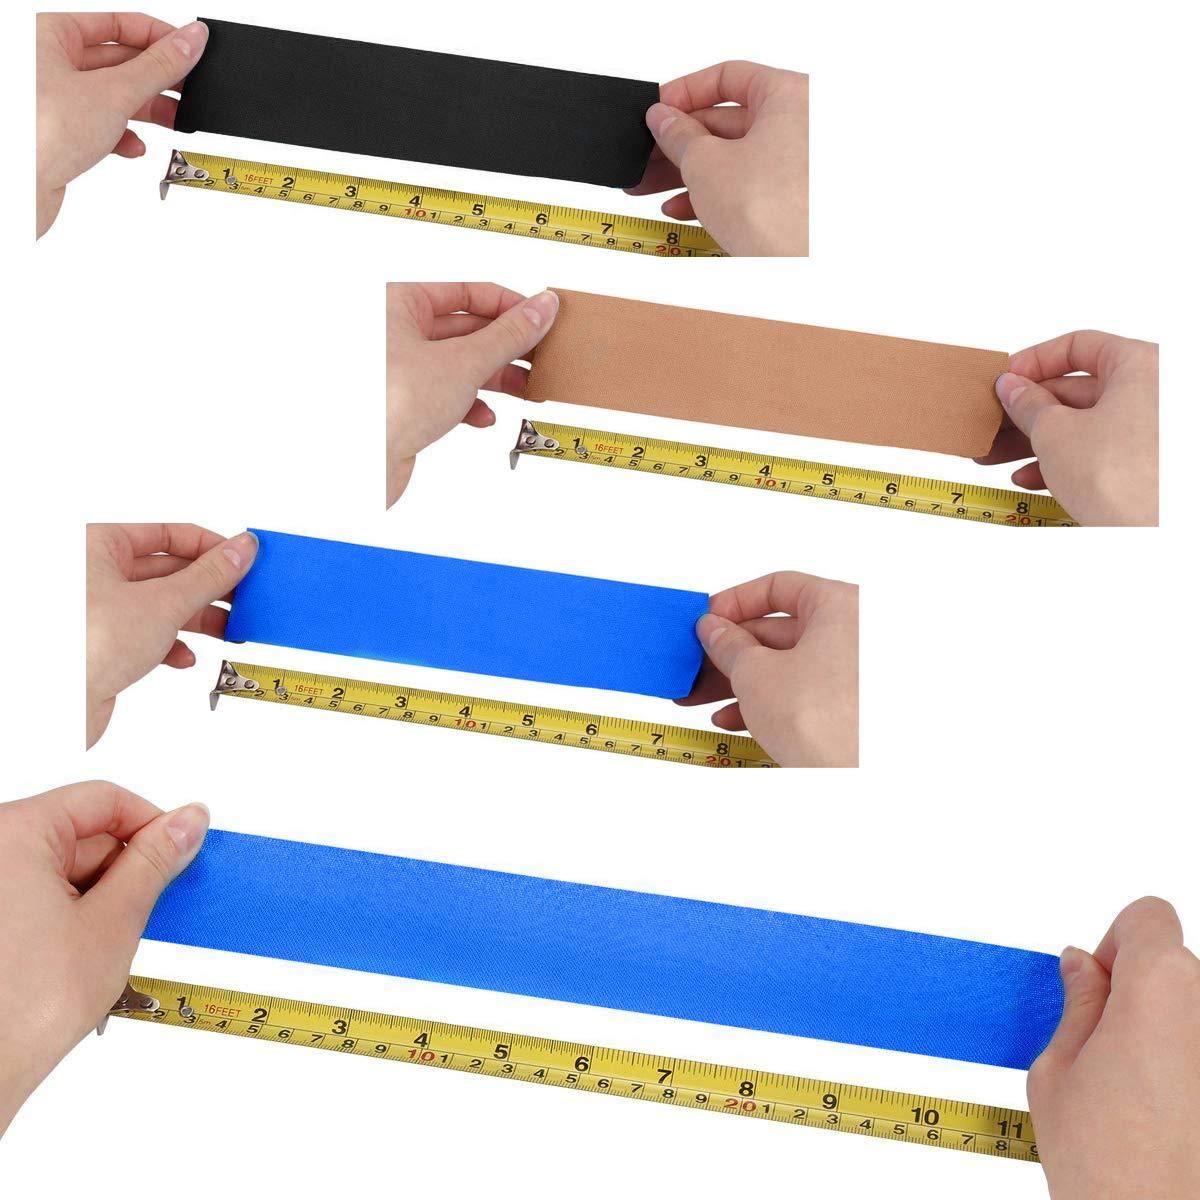 Physio Tape Kinesiologie Tape 5m x 5cm, Muskeln Kinesiology sport vorgeschnitten, Rollenlänge Elastisches Therapeutisches sport verletzungen Tape Elastische Bandage für Plantarfasziitis Physiotherapie